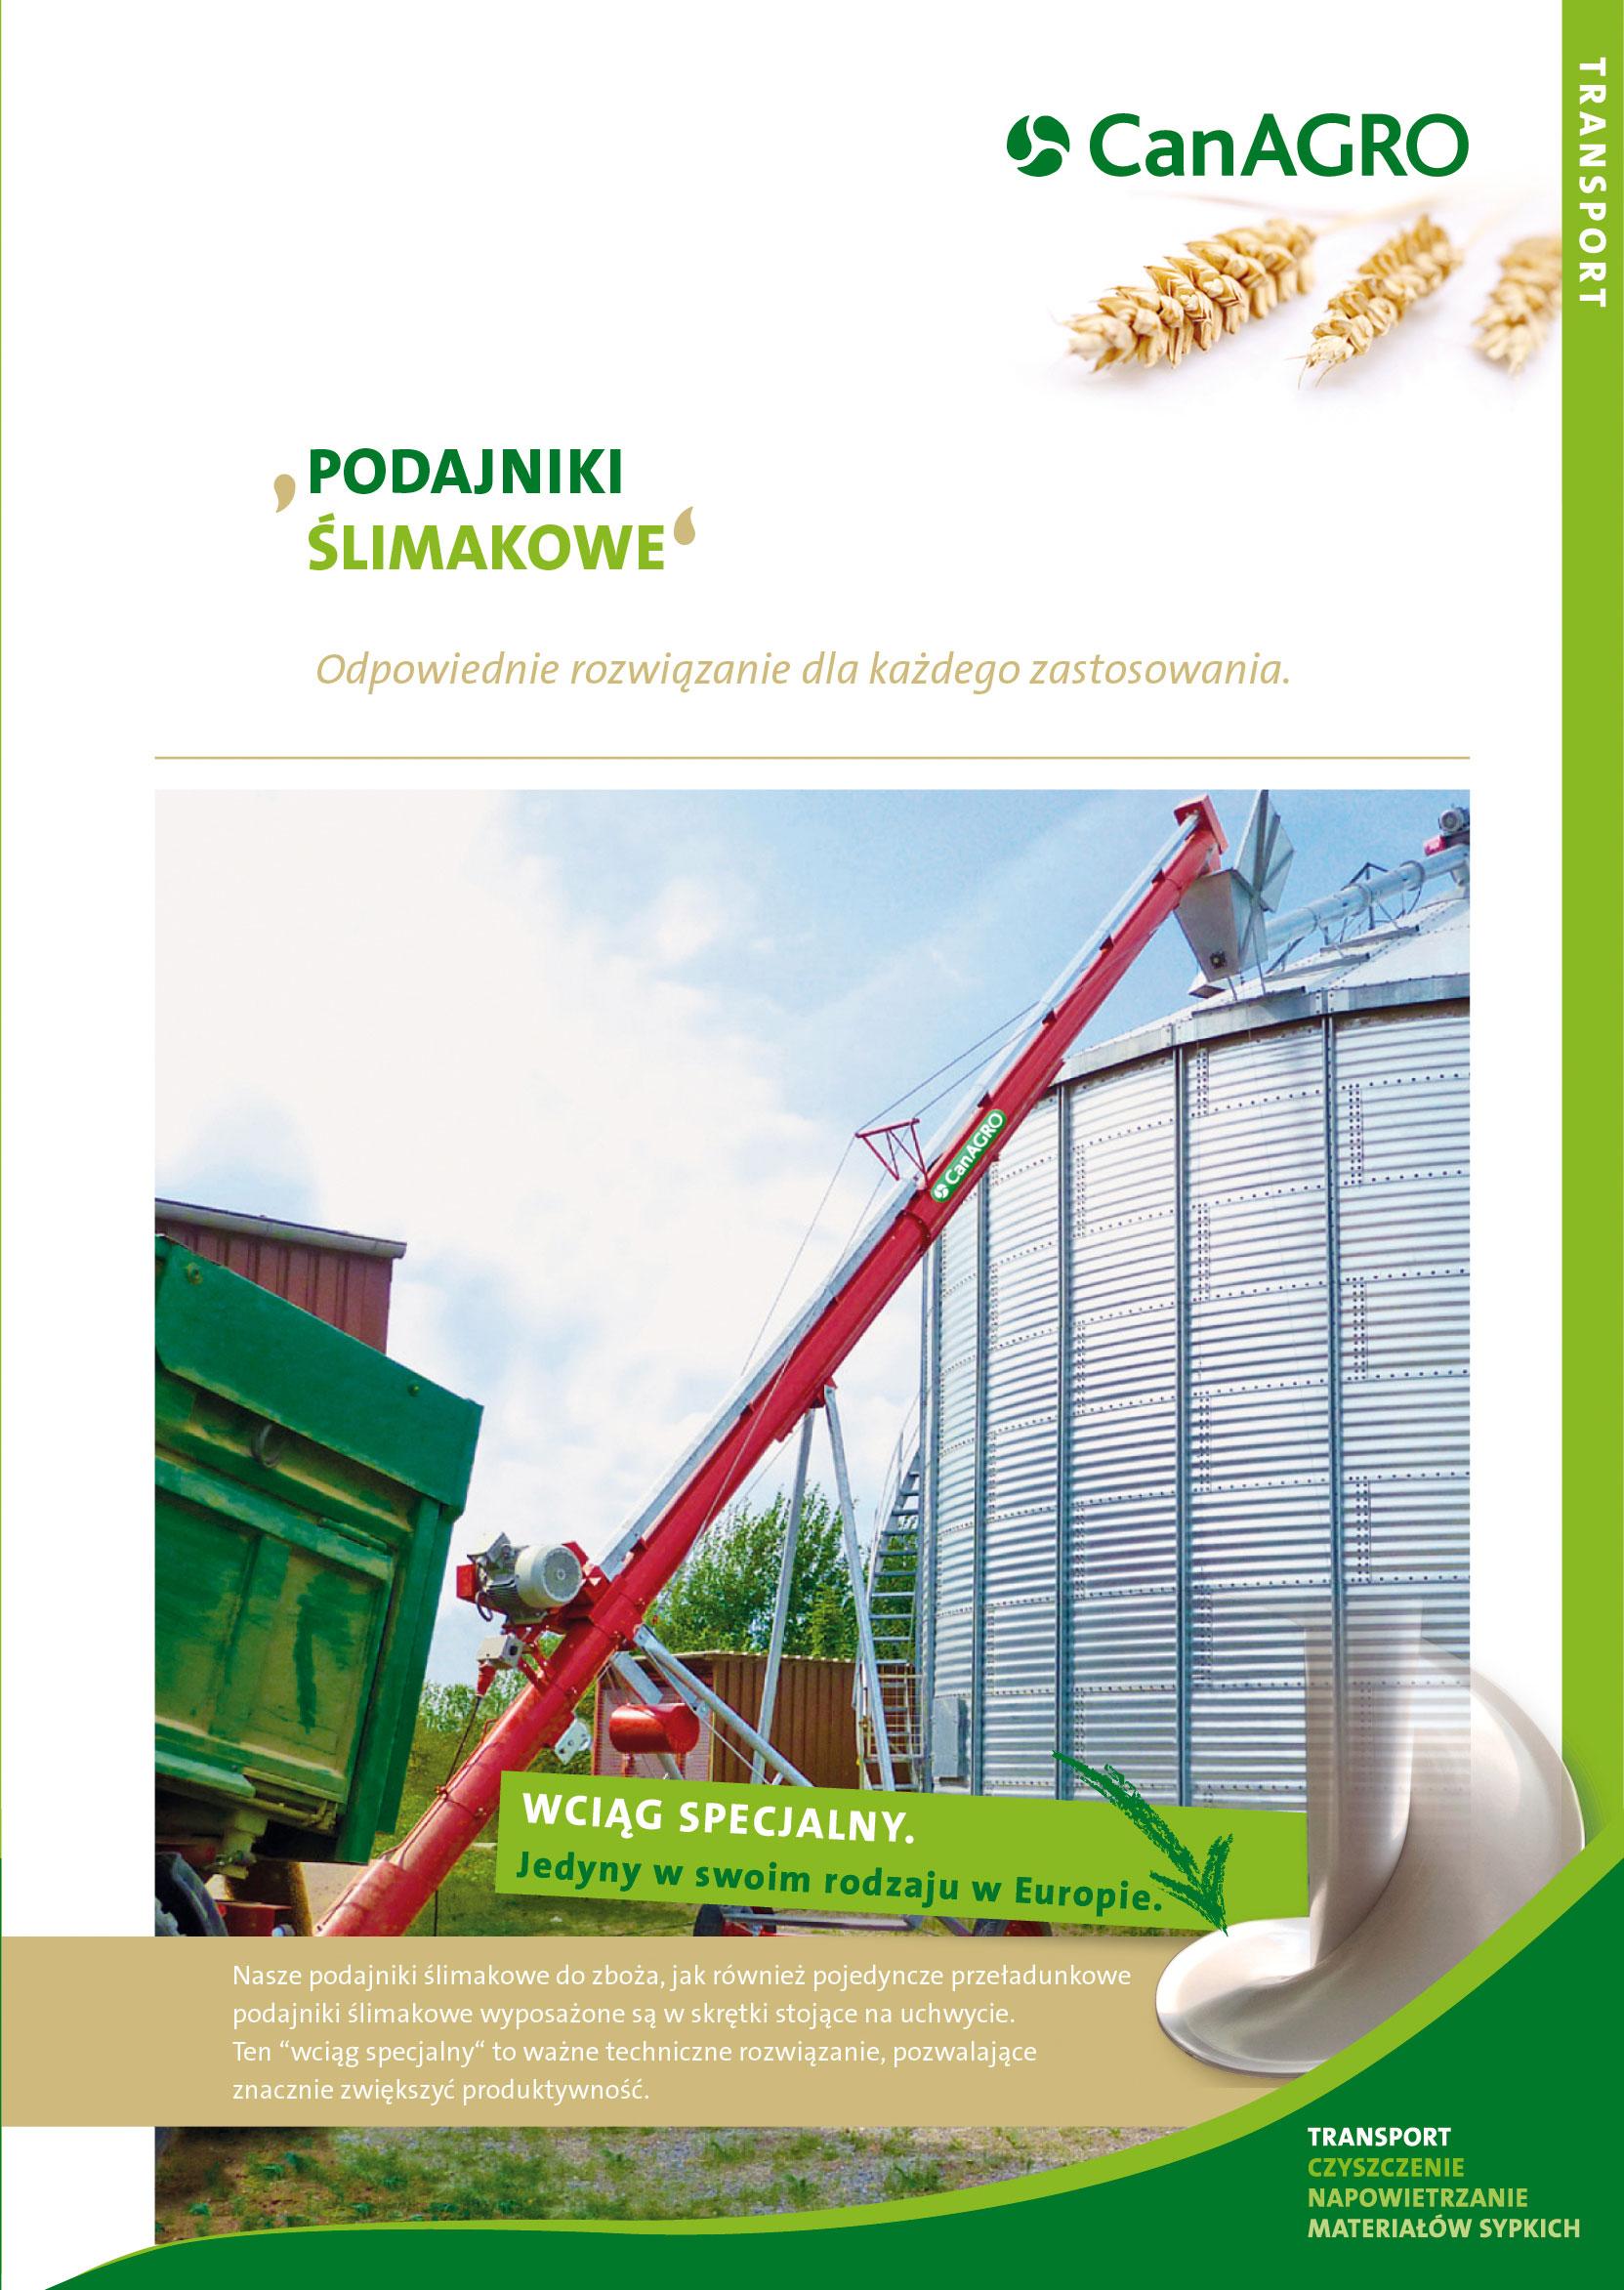 CanAGRO - PDF: Förderschnecken-Polnisch